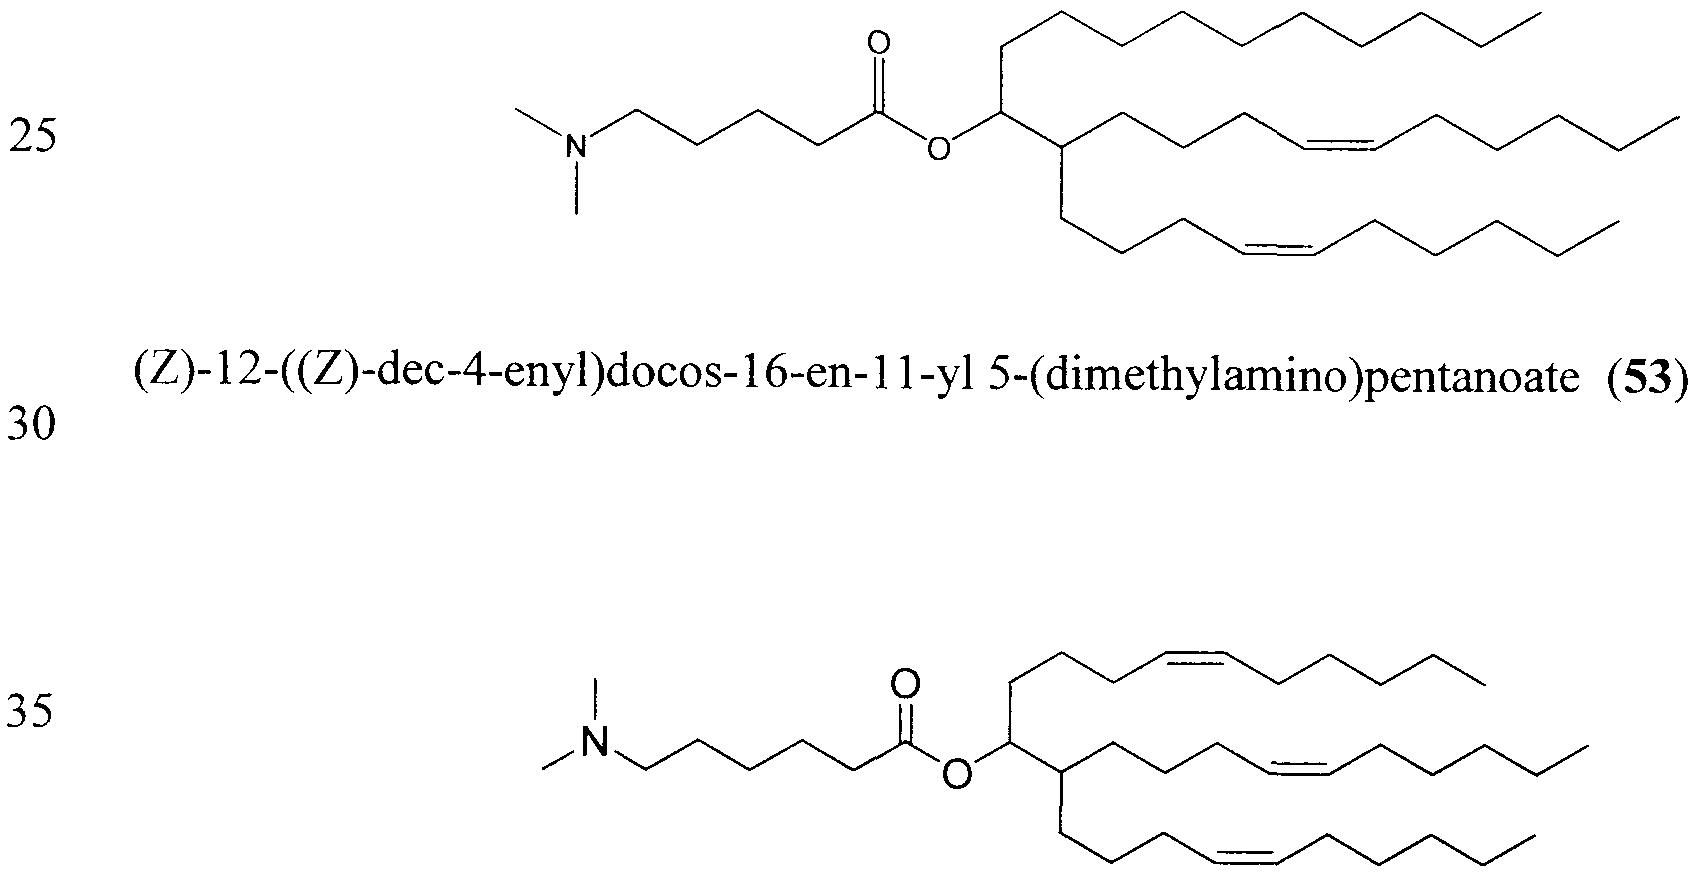 Figure imgf000058_0004